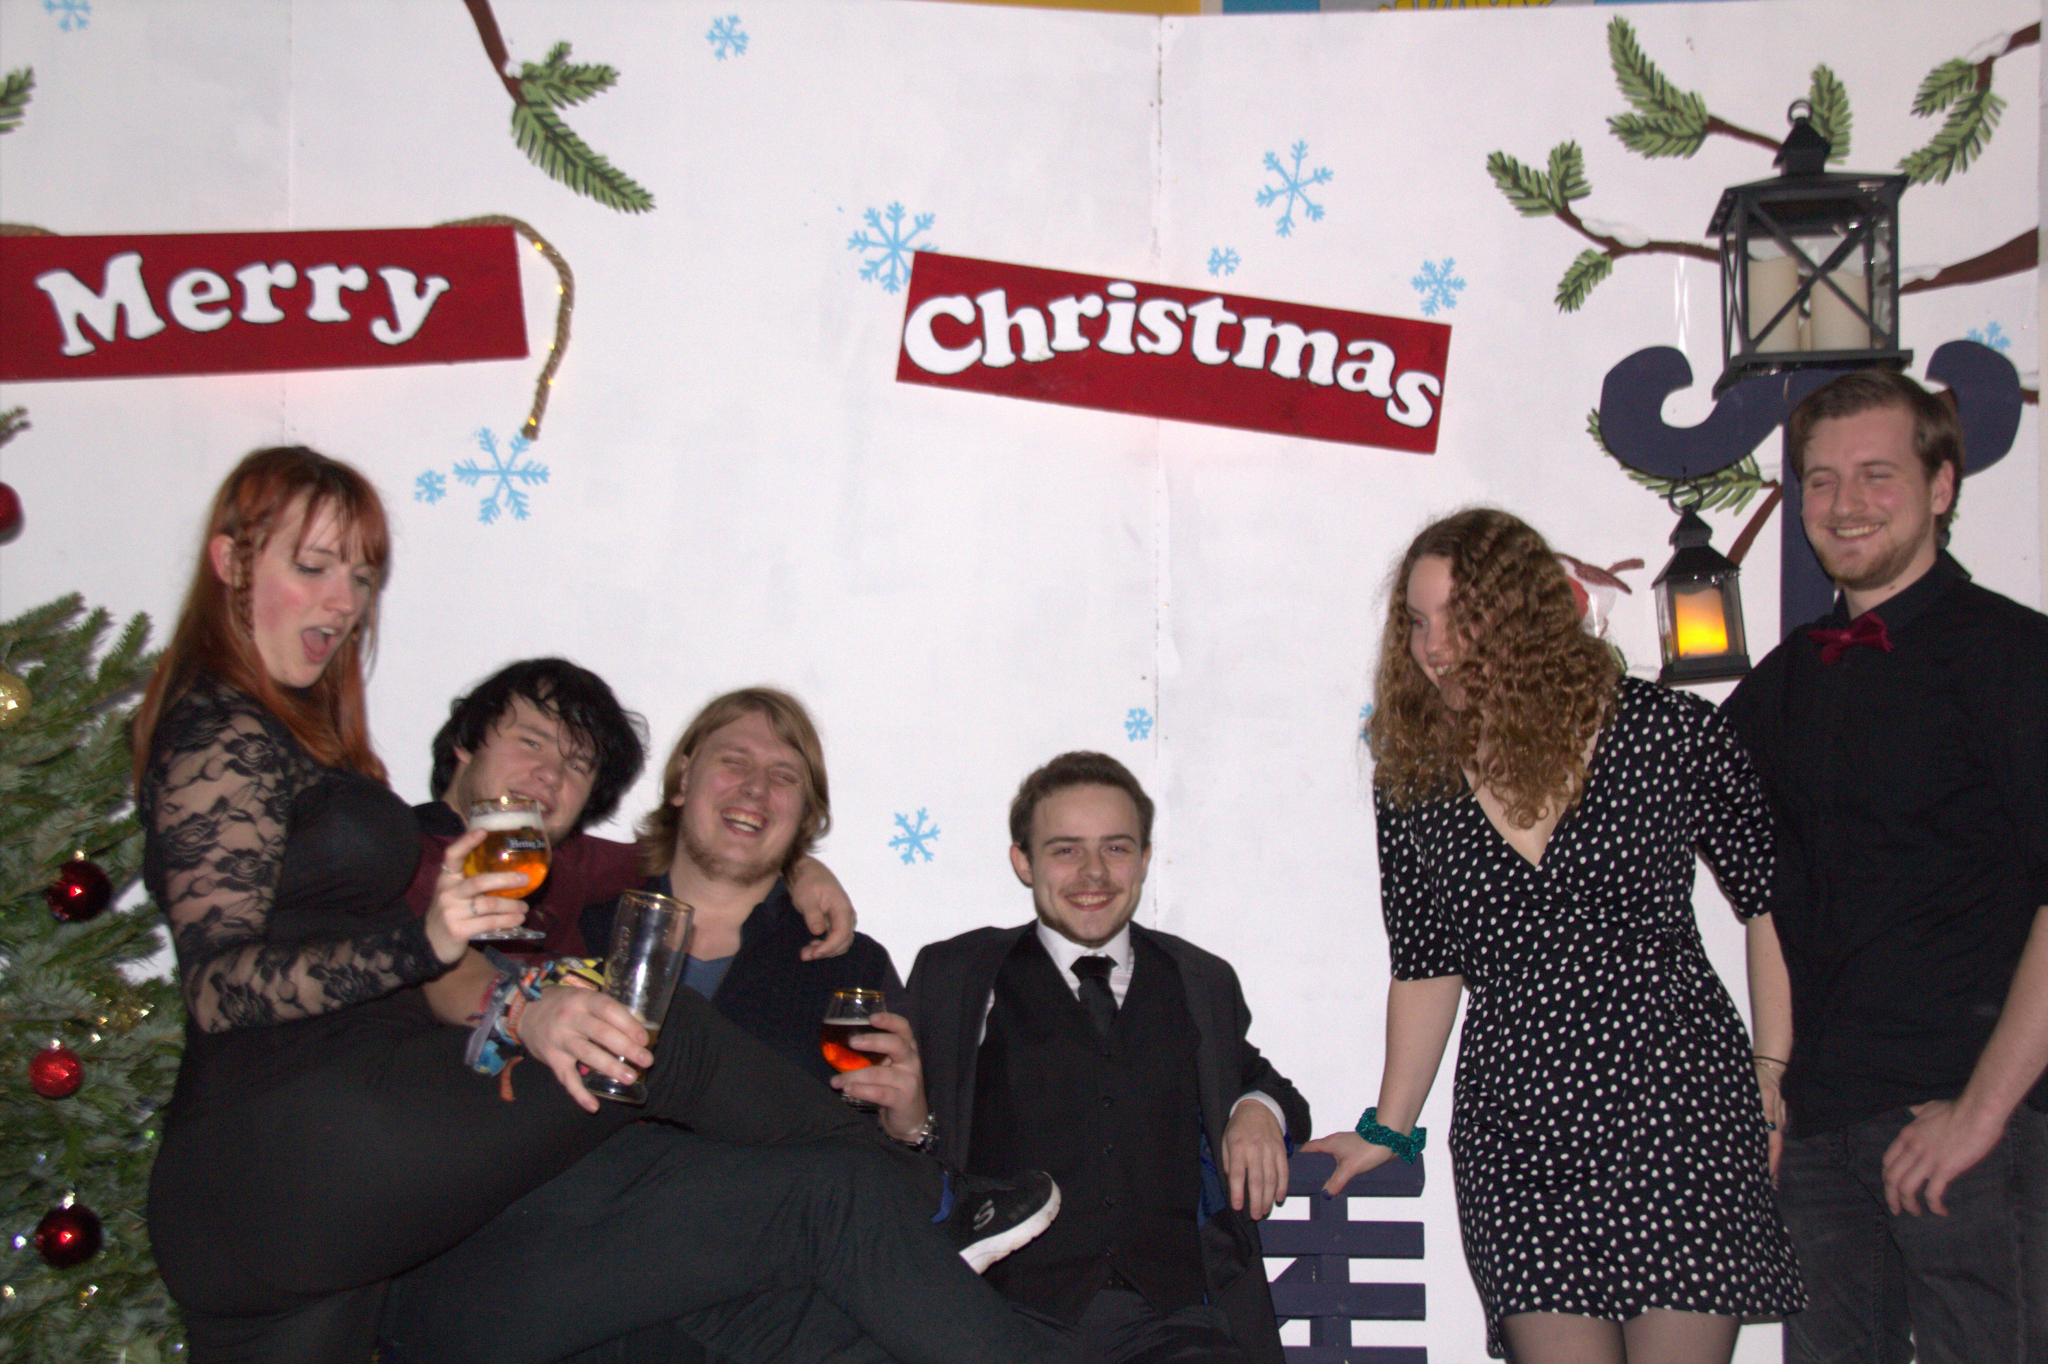 Kerstfeest_242